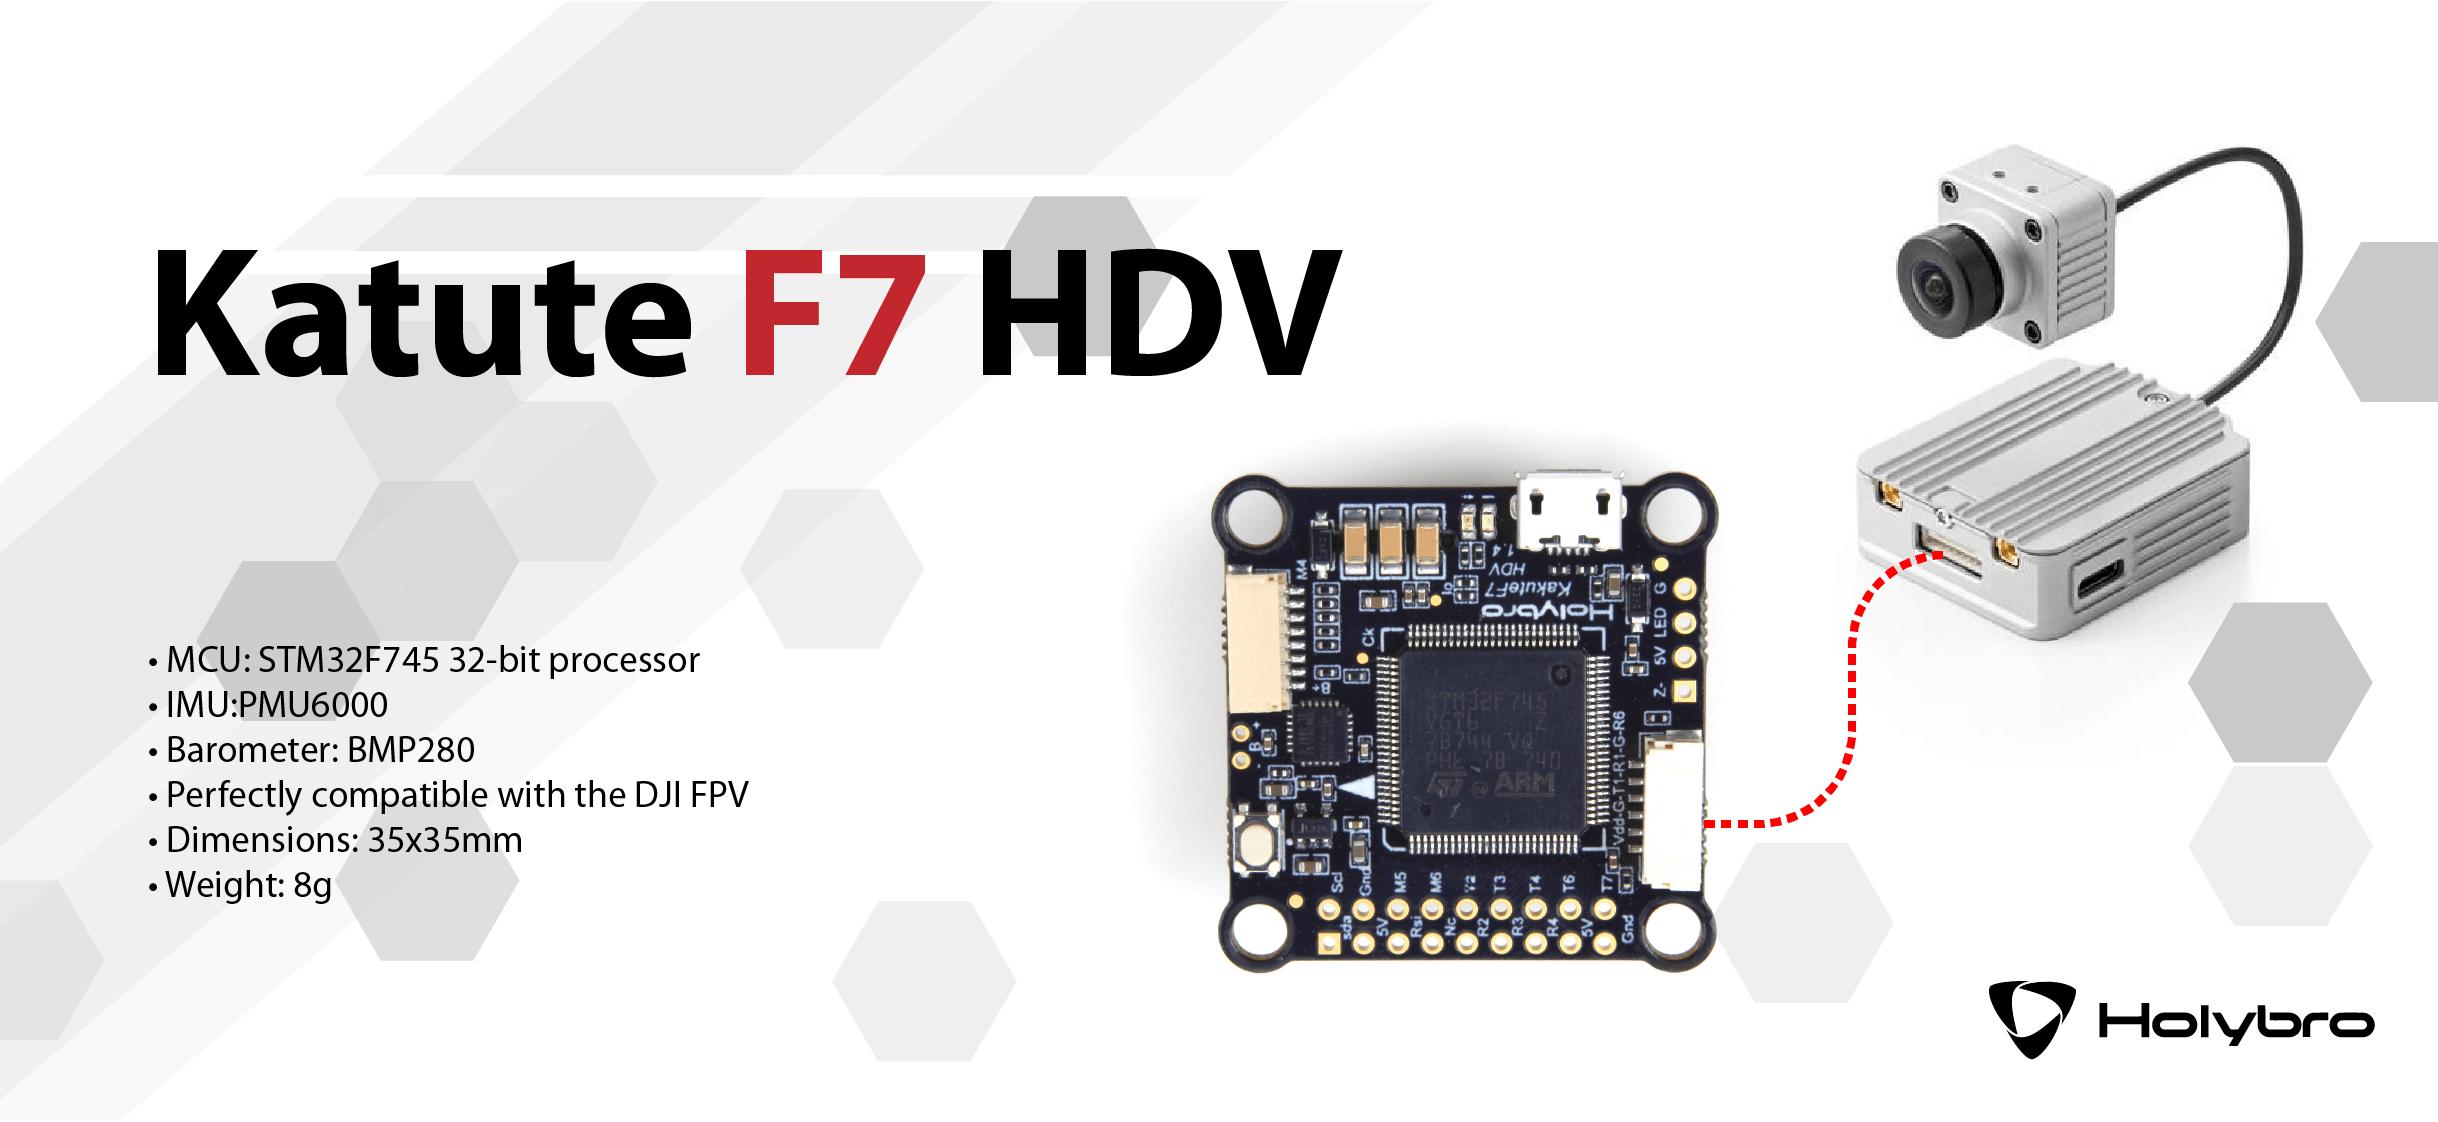 Najwyższej jakości FC Kakute F7 HDV umożliwiający podłączenie DJI VTX